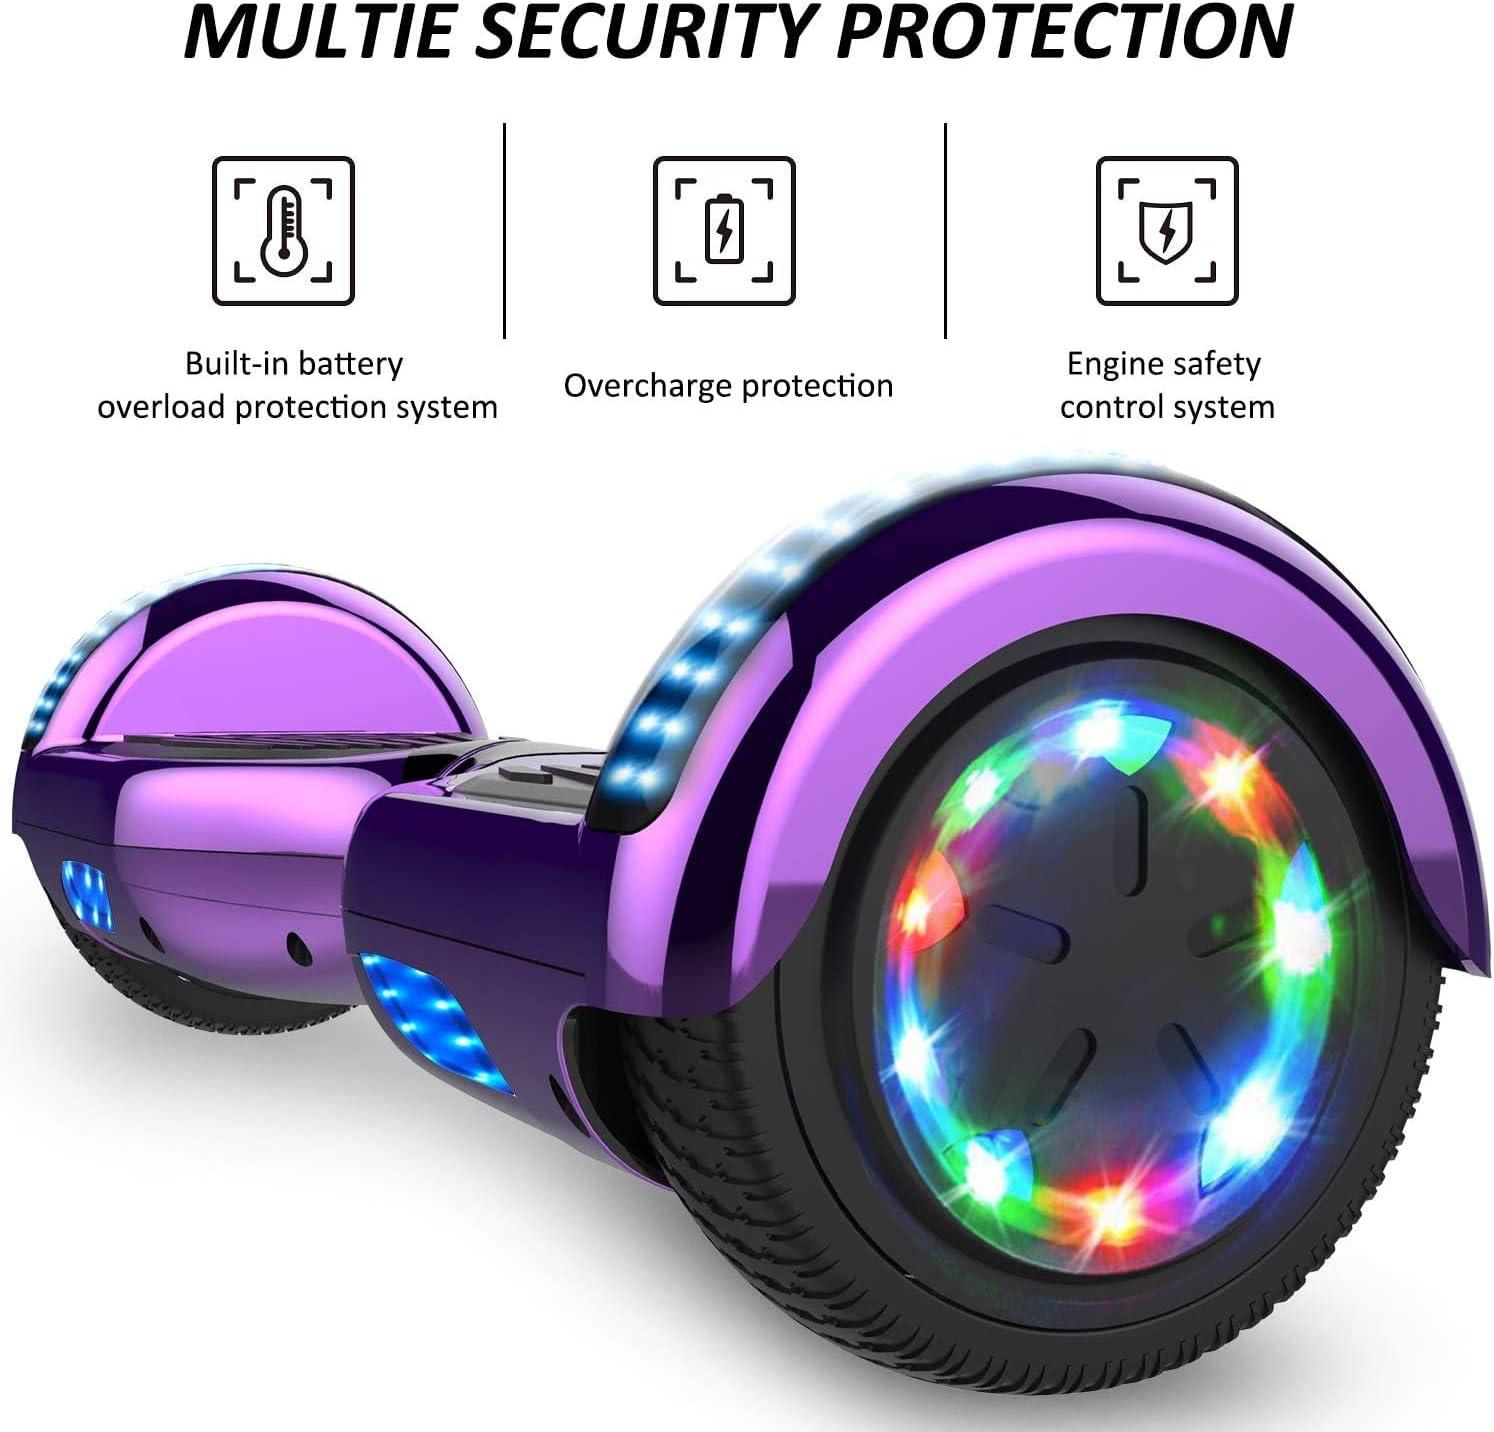 Patinete El/éctrico Self-Balance Board Motor 700W con Ruedas LED de Flash Monopat/ín El/éctrico Ni/ño Adulto CITYSPORTS Overboard 6.5 Pulgadas Hover Board Bluetooth